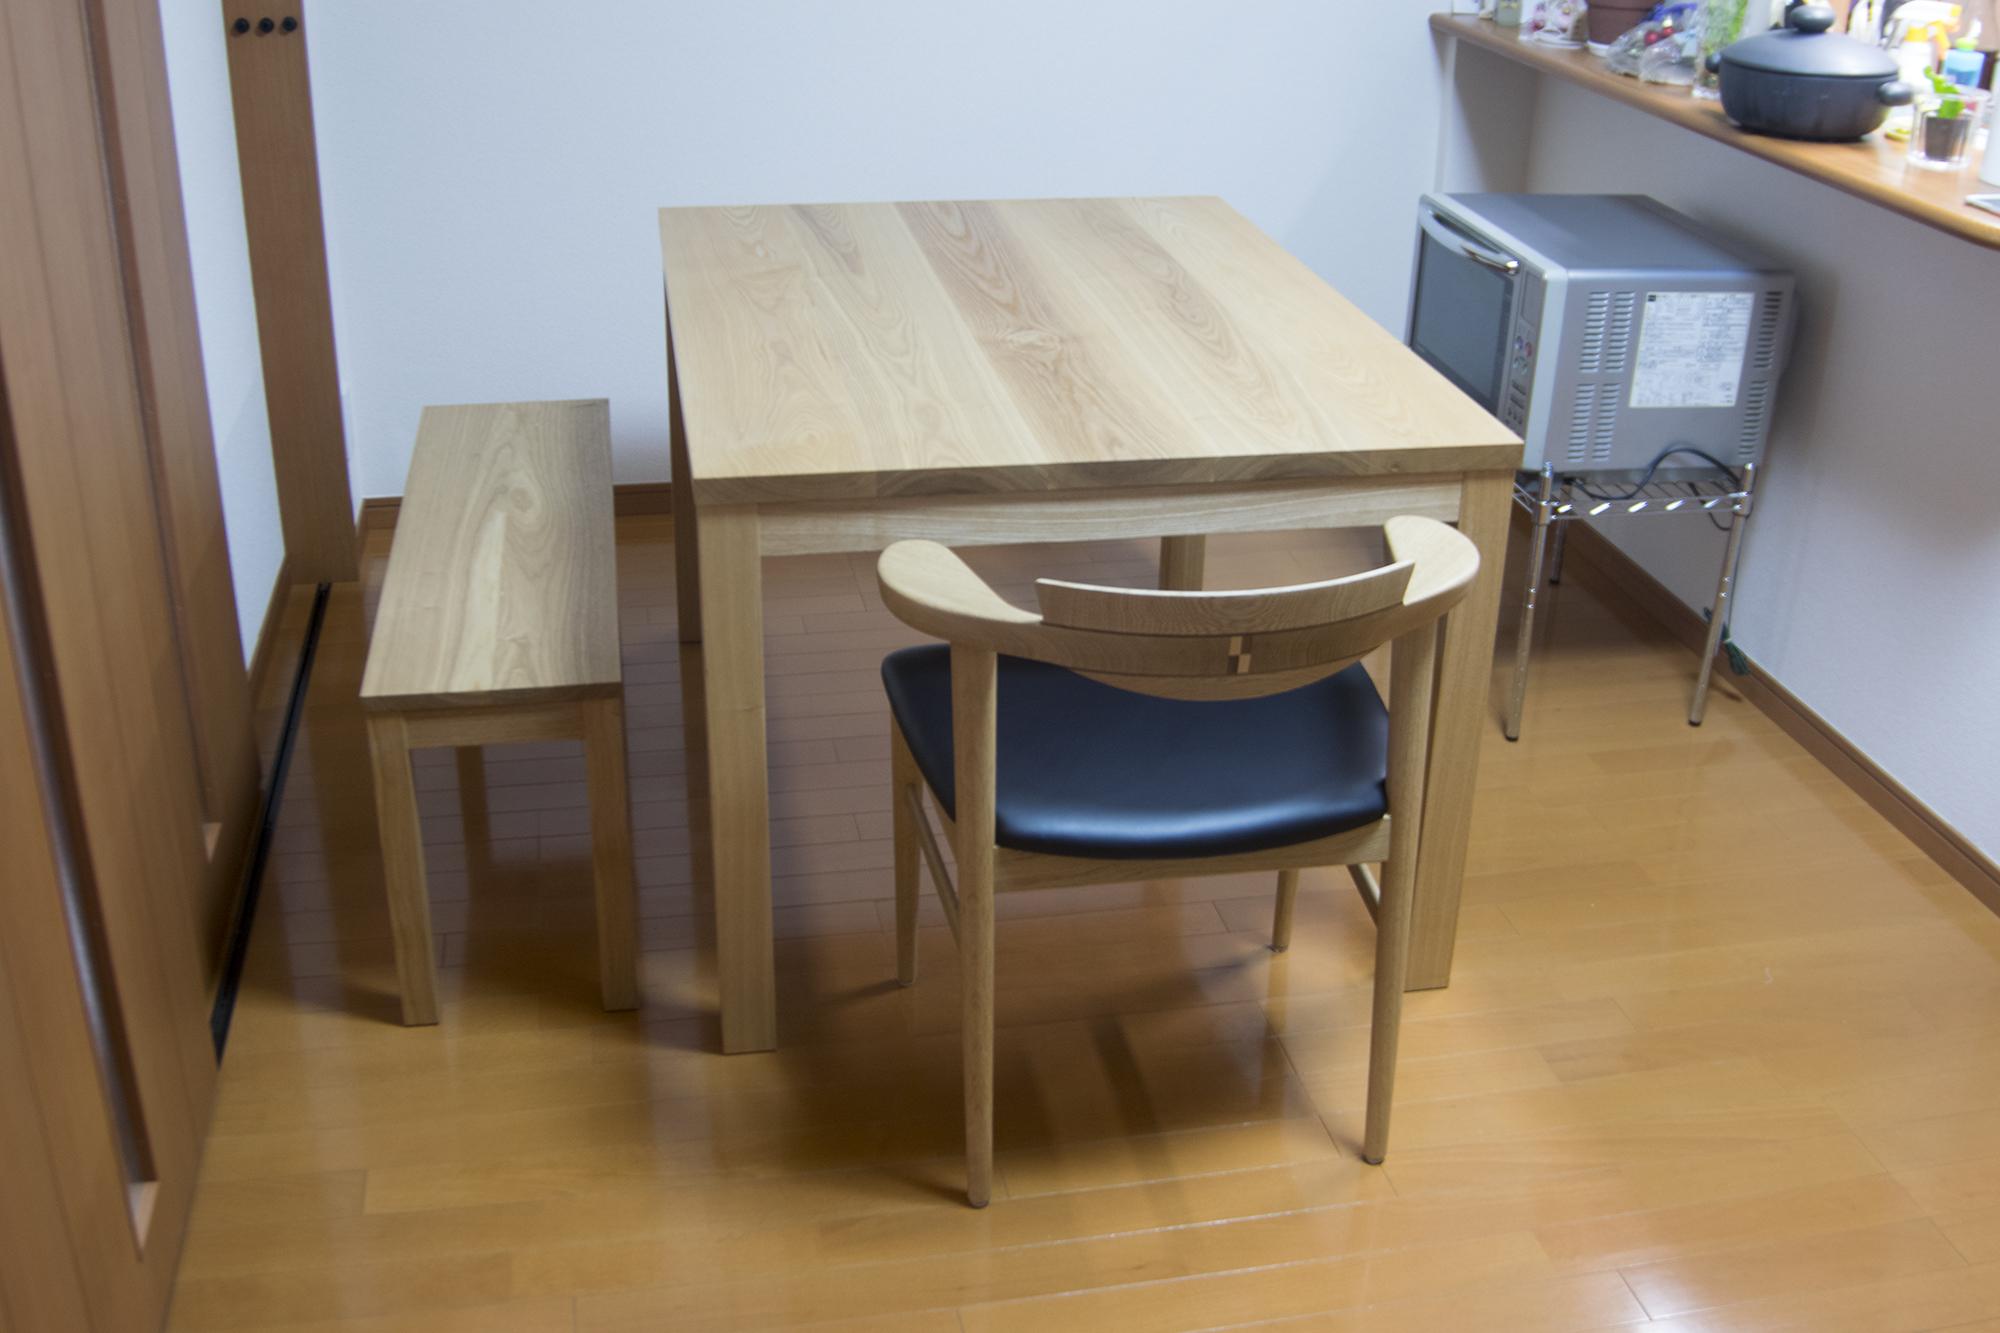 スタンダードテーブルと、スタンダードタイプベンチ、オルタナティブテーブル小ローテーブル